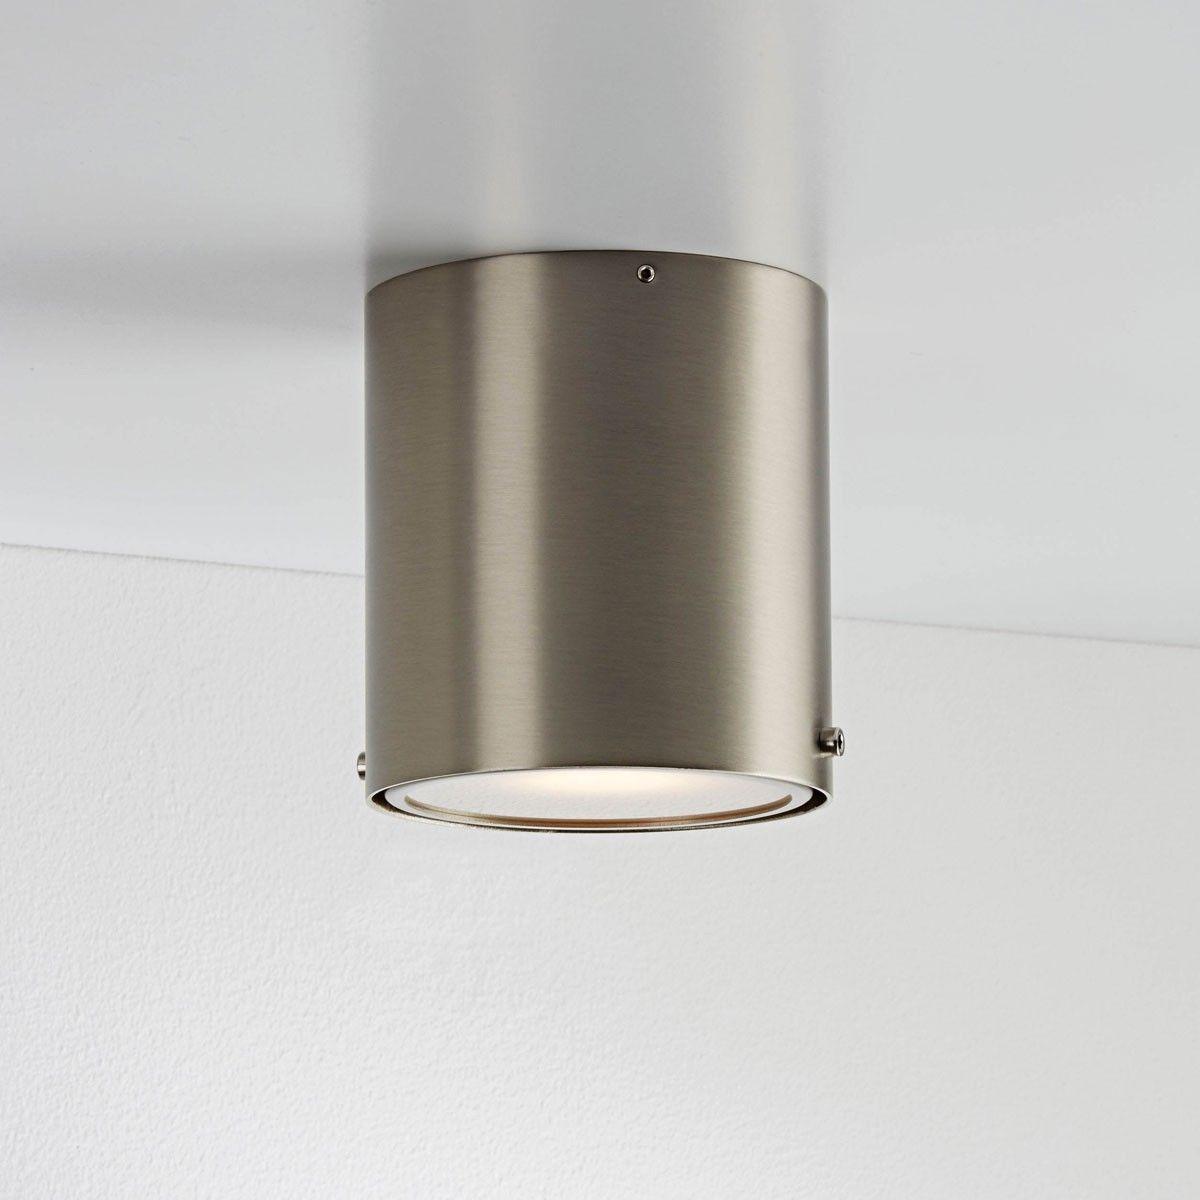 Nordlux Bad Deckenleuchte IP S4 / Stahl Gebürstet / Deckenlampe 78511032/3  In Möbel